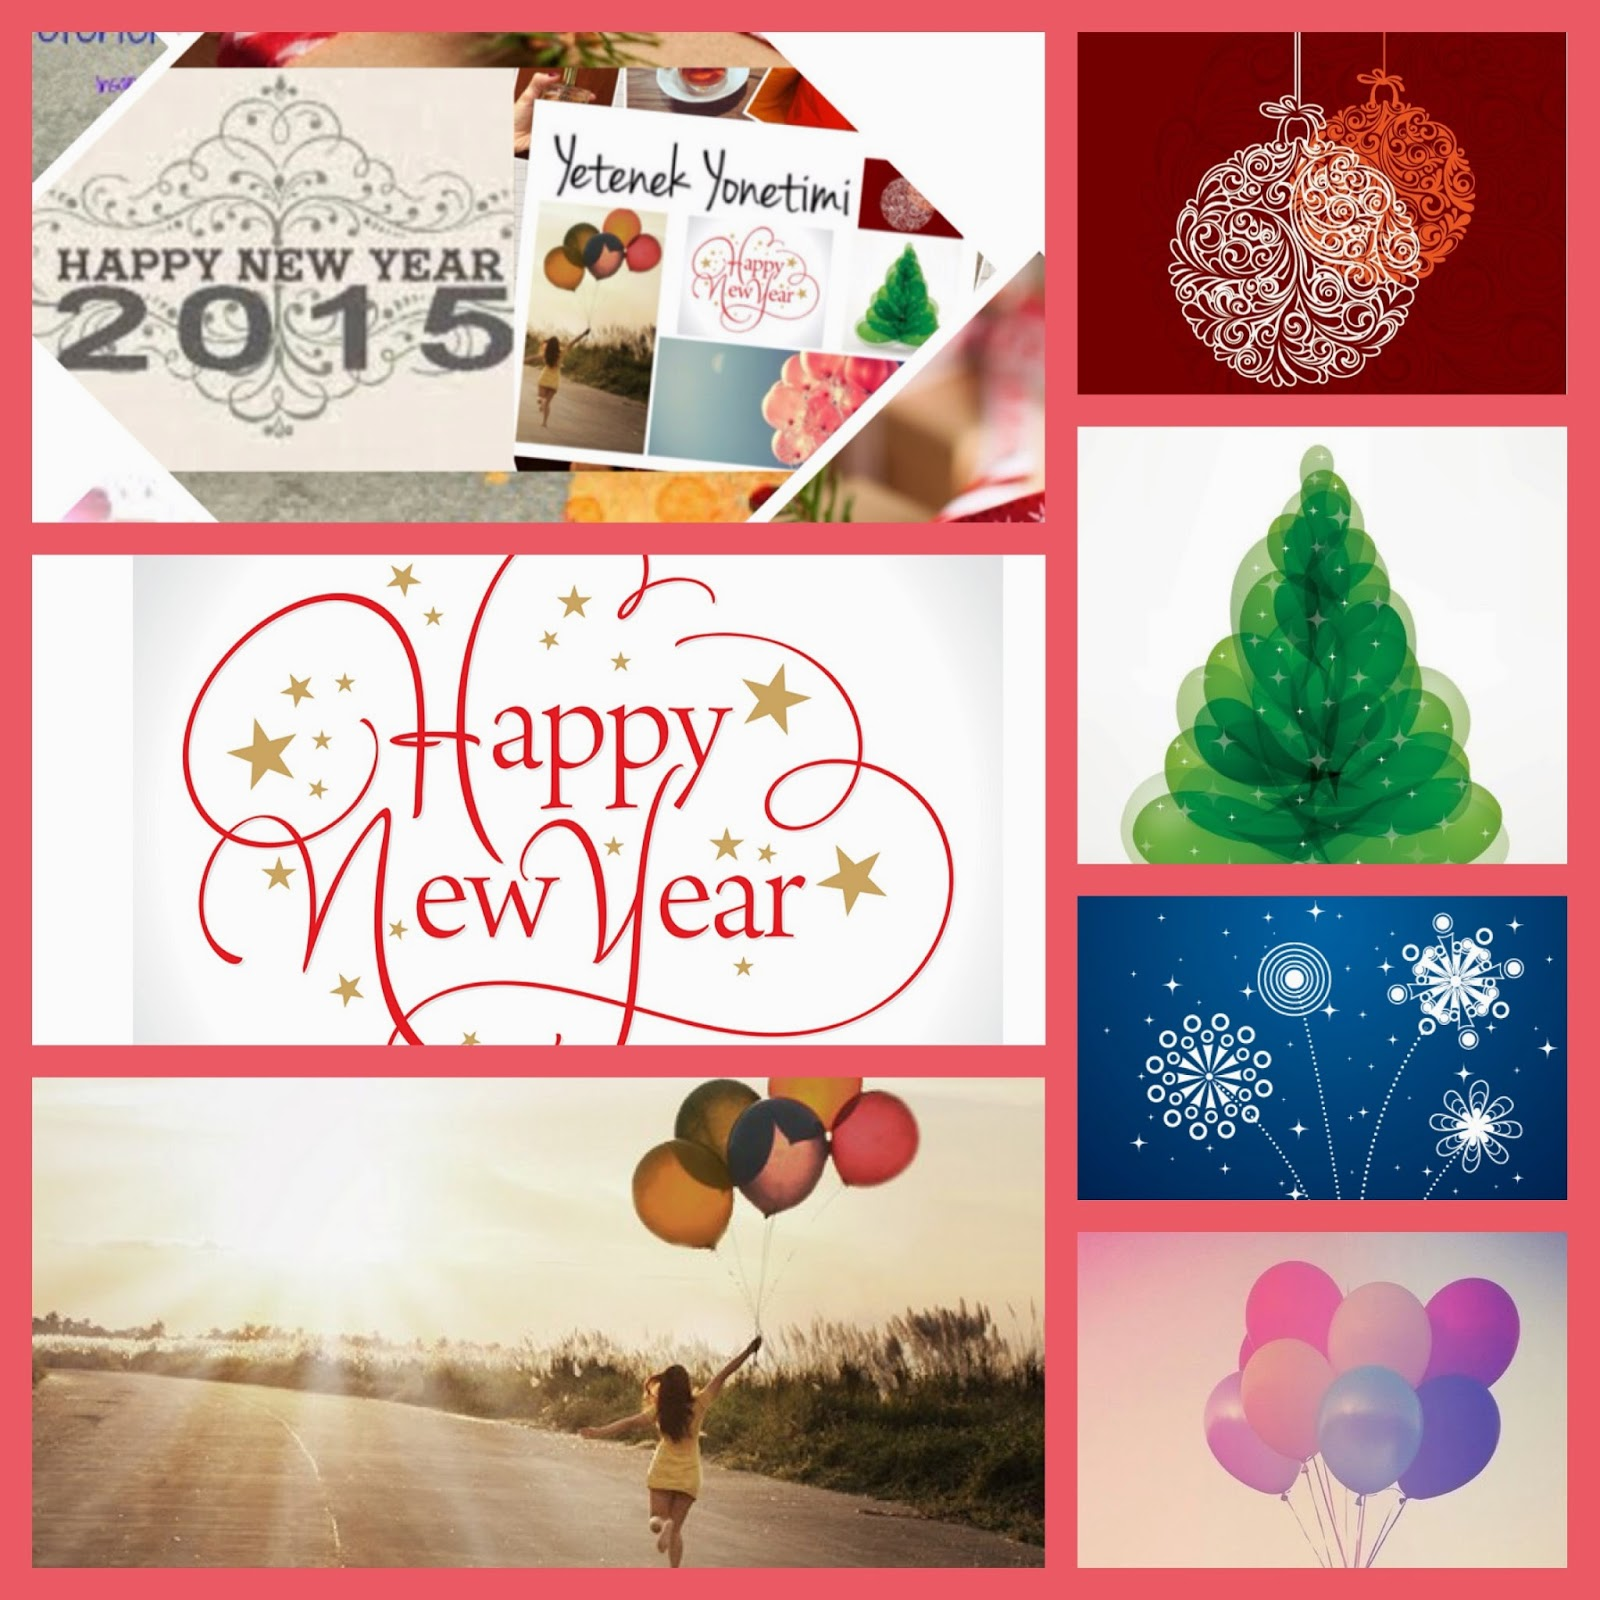 yetenekyonetimico new year